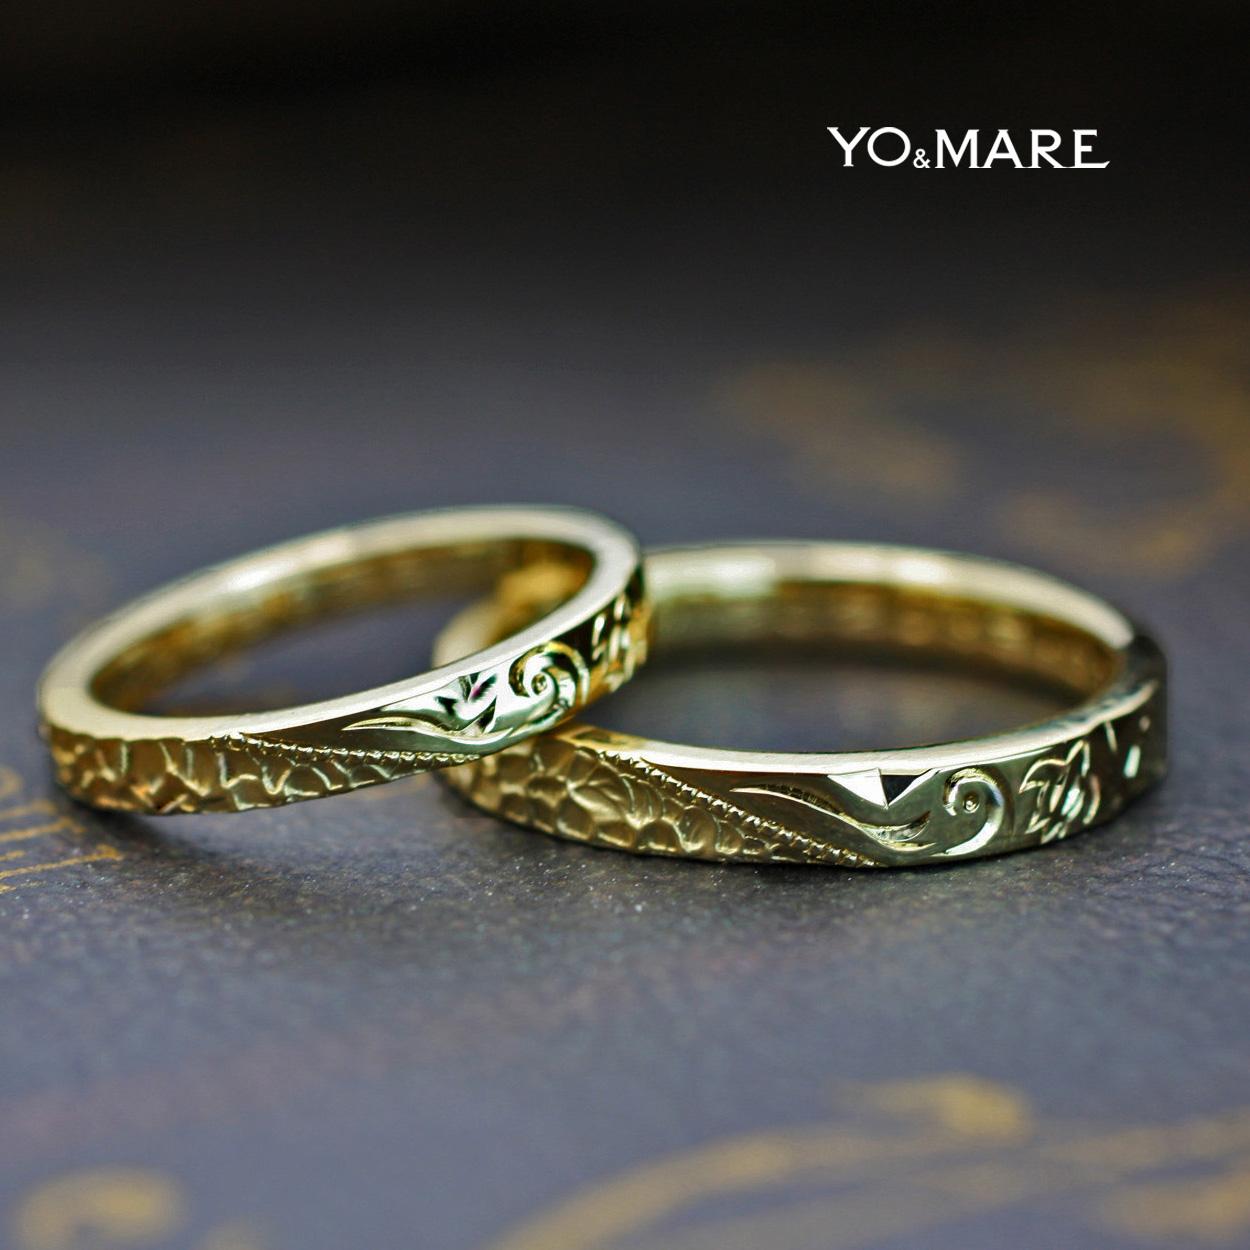 【 ハワイアン柄】の珊瑚礁をゴールドの結婚指輪にオーダーした作品